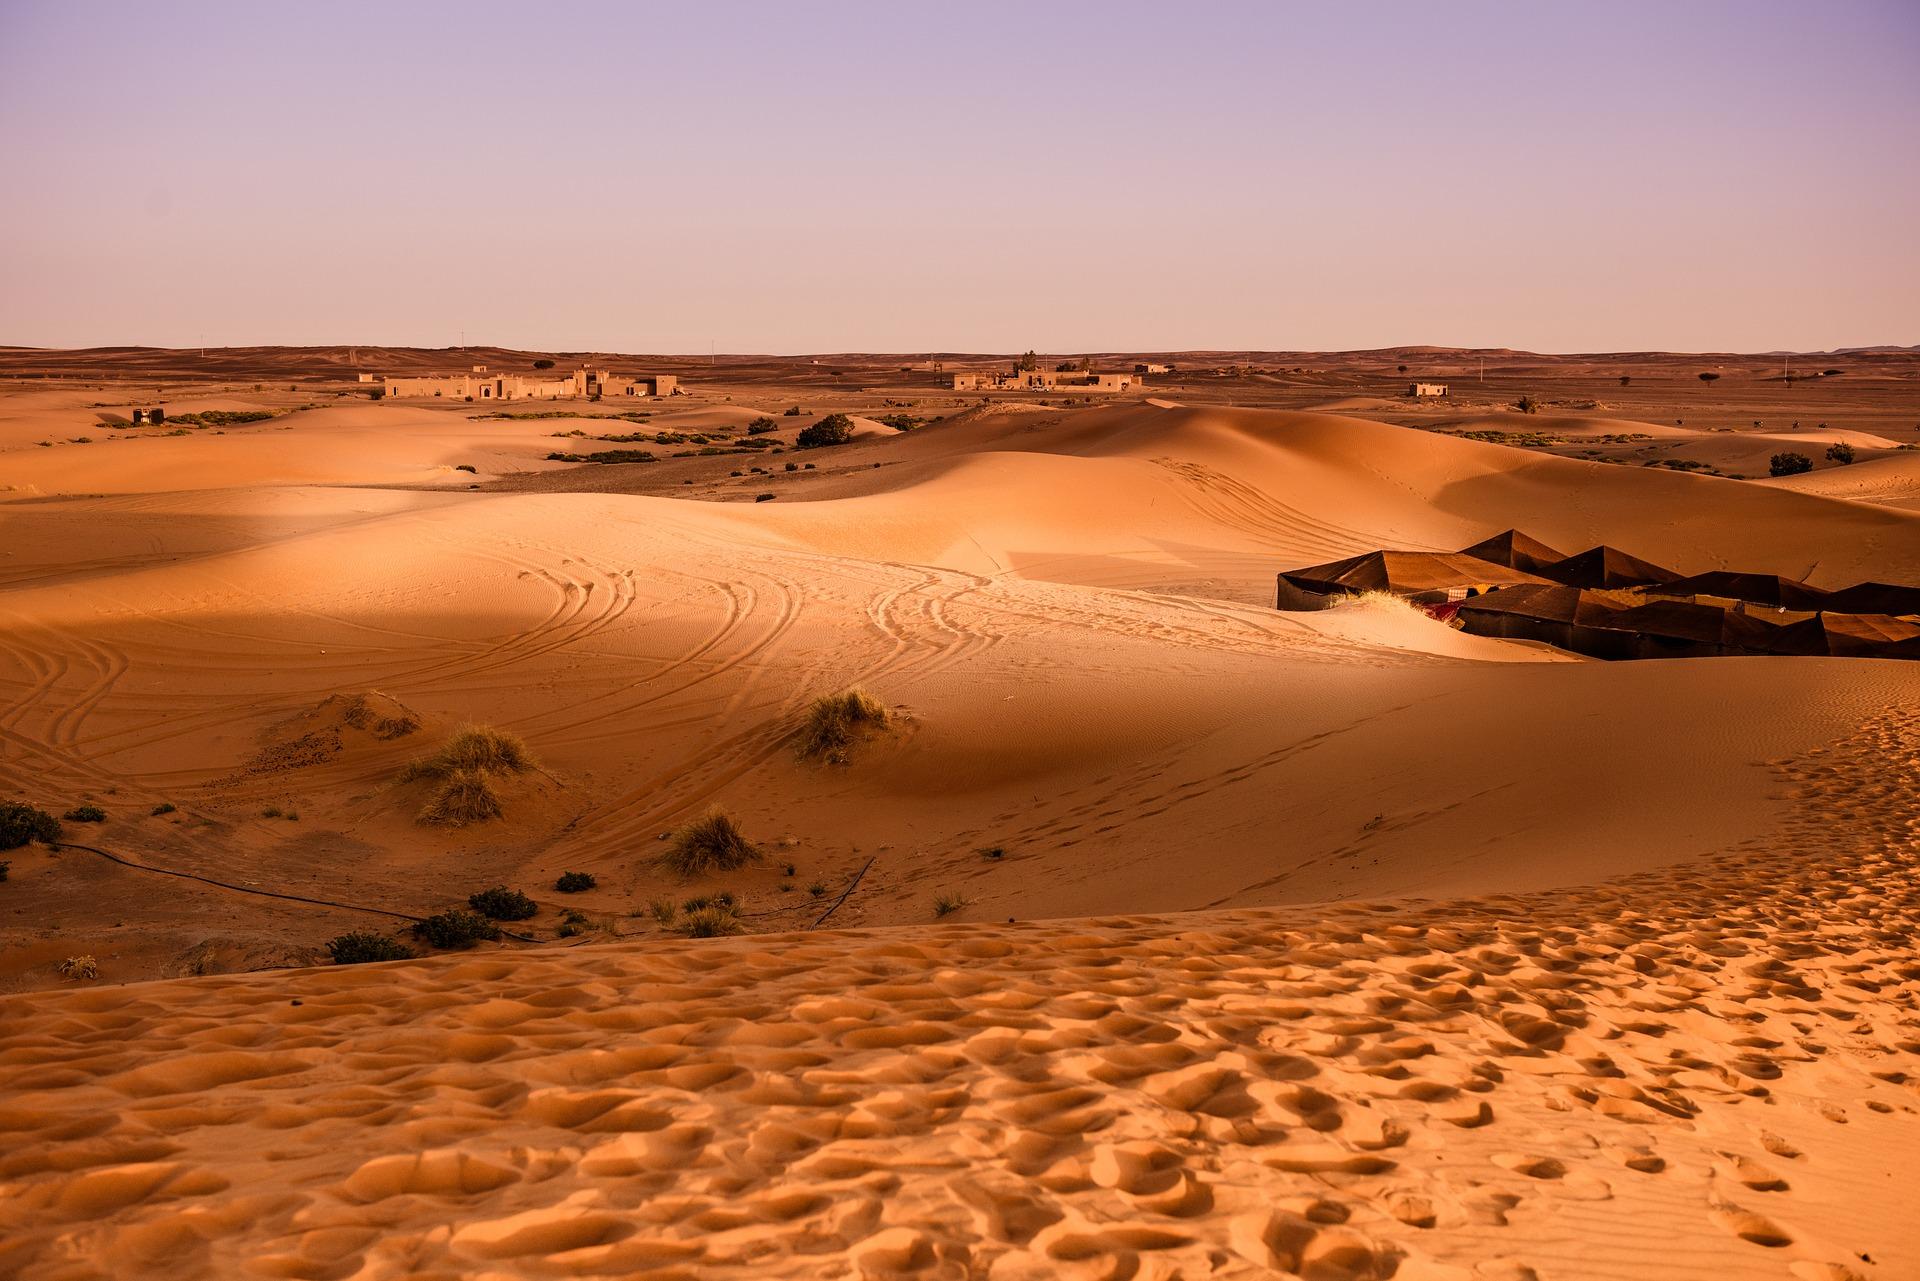 desert-1270330_1920